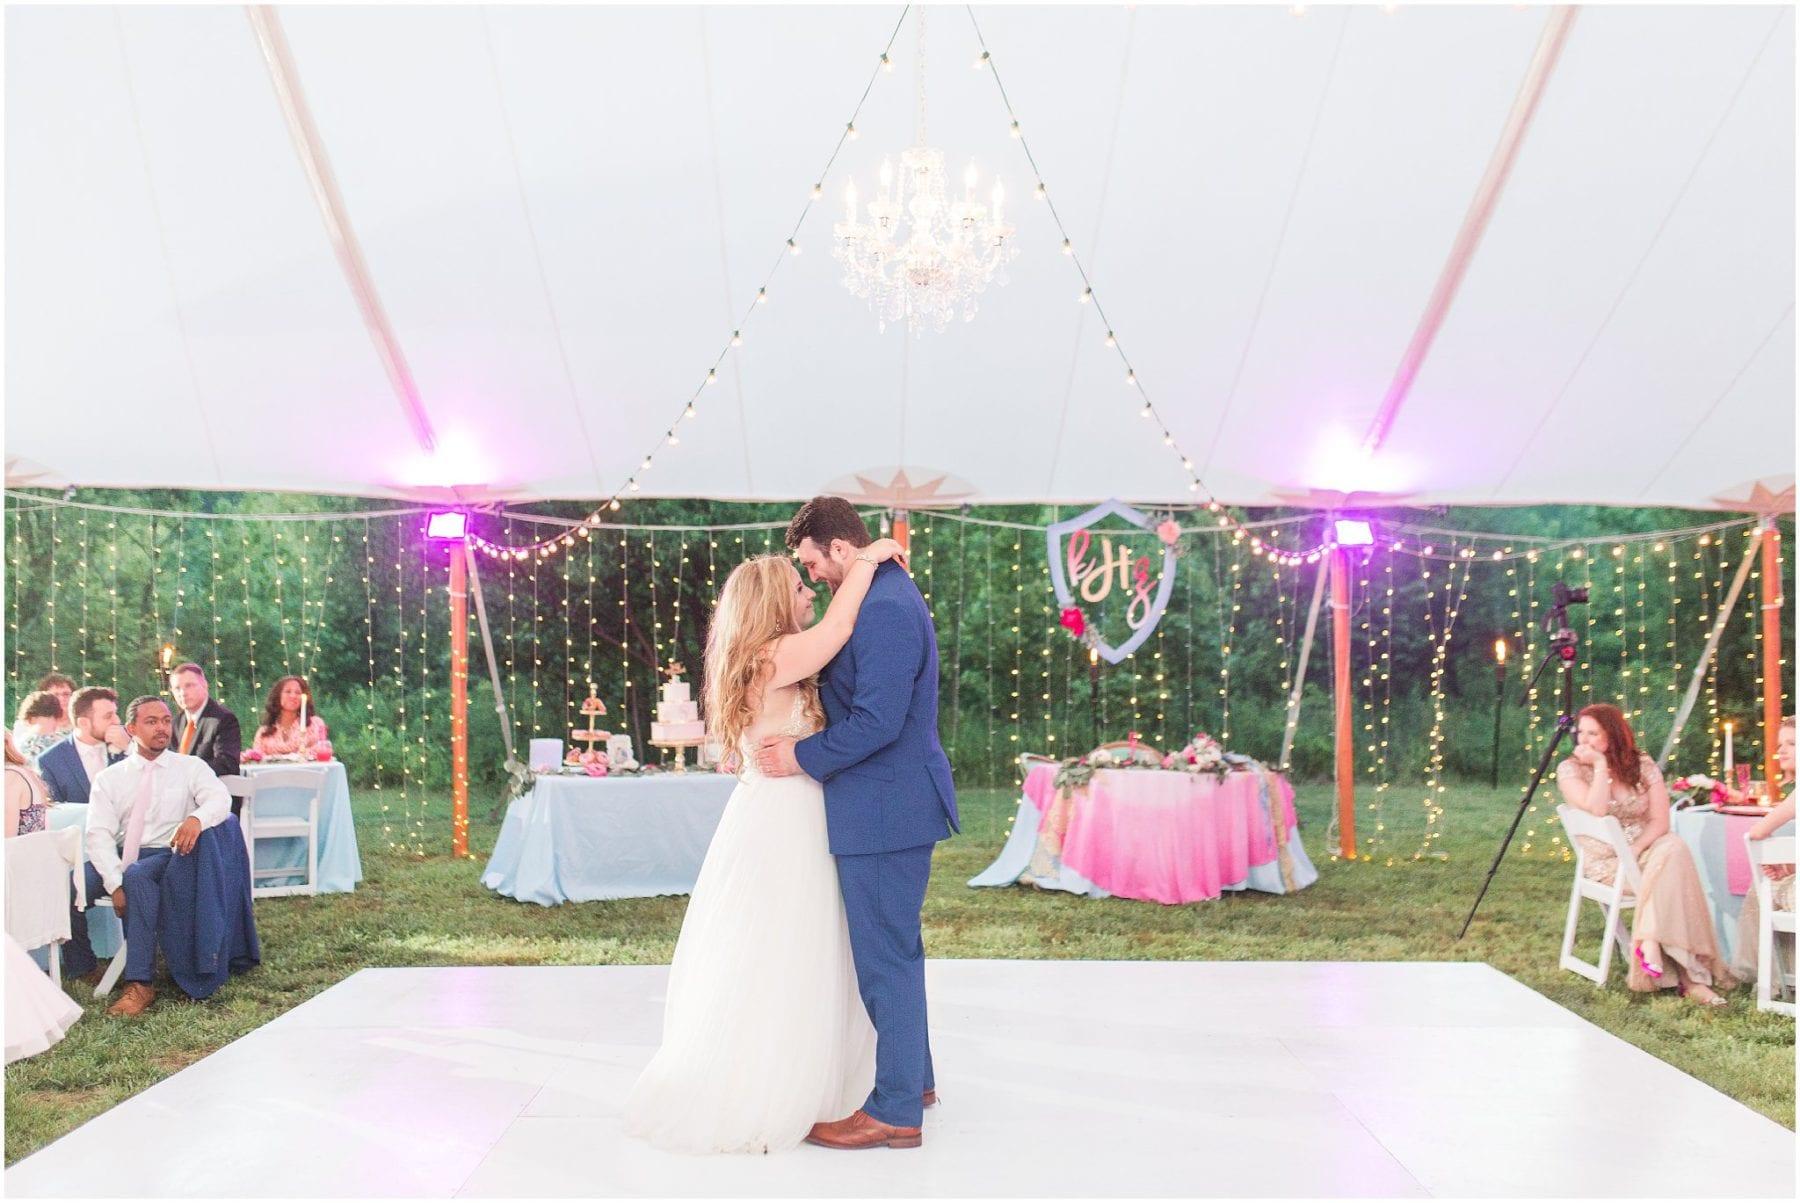 Maryland Backyard Wedding Photos Kelly & Zach Megan Kelsey Photography-300.jpg